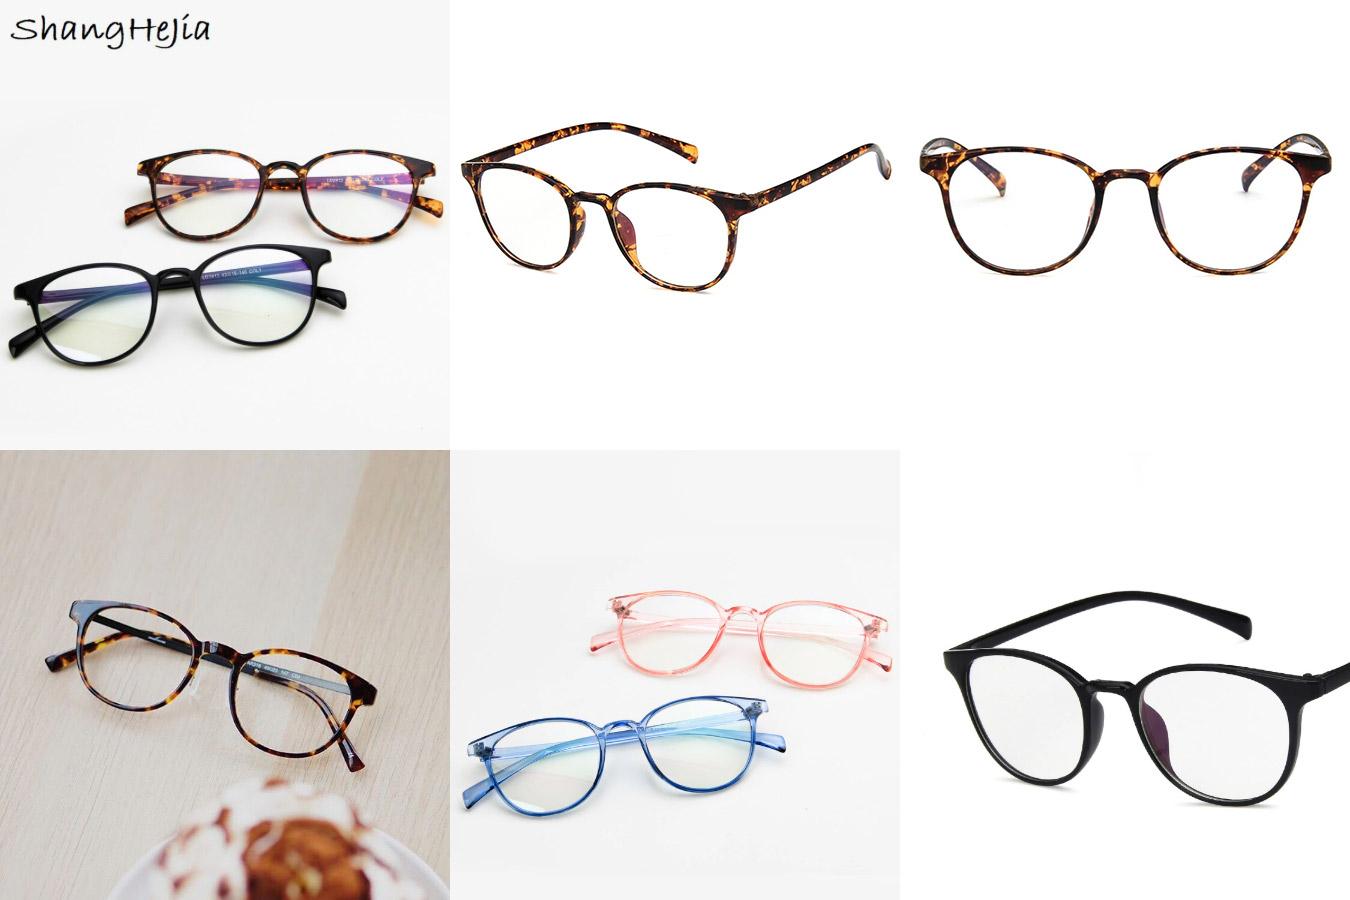 Ретро-очки со стилизованной роговой оправой